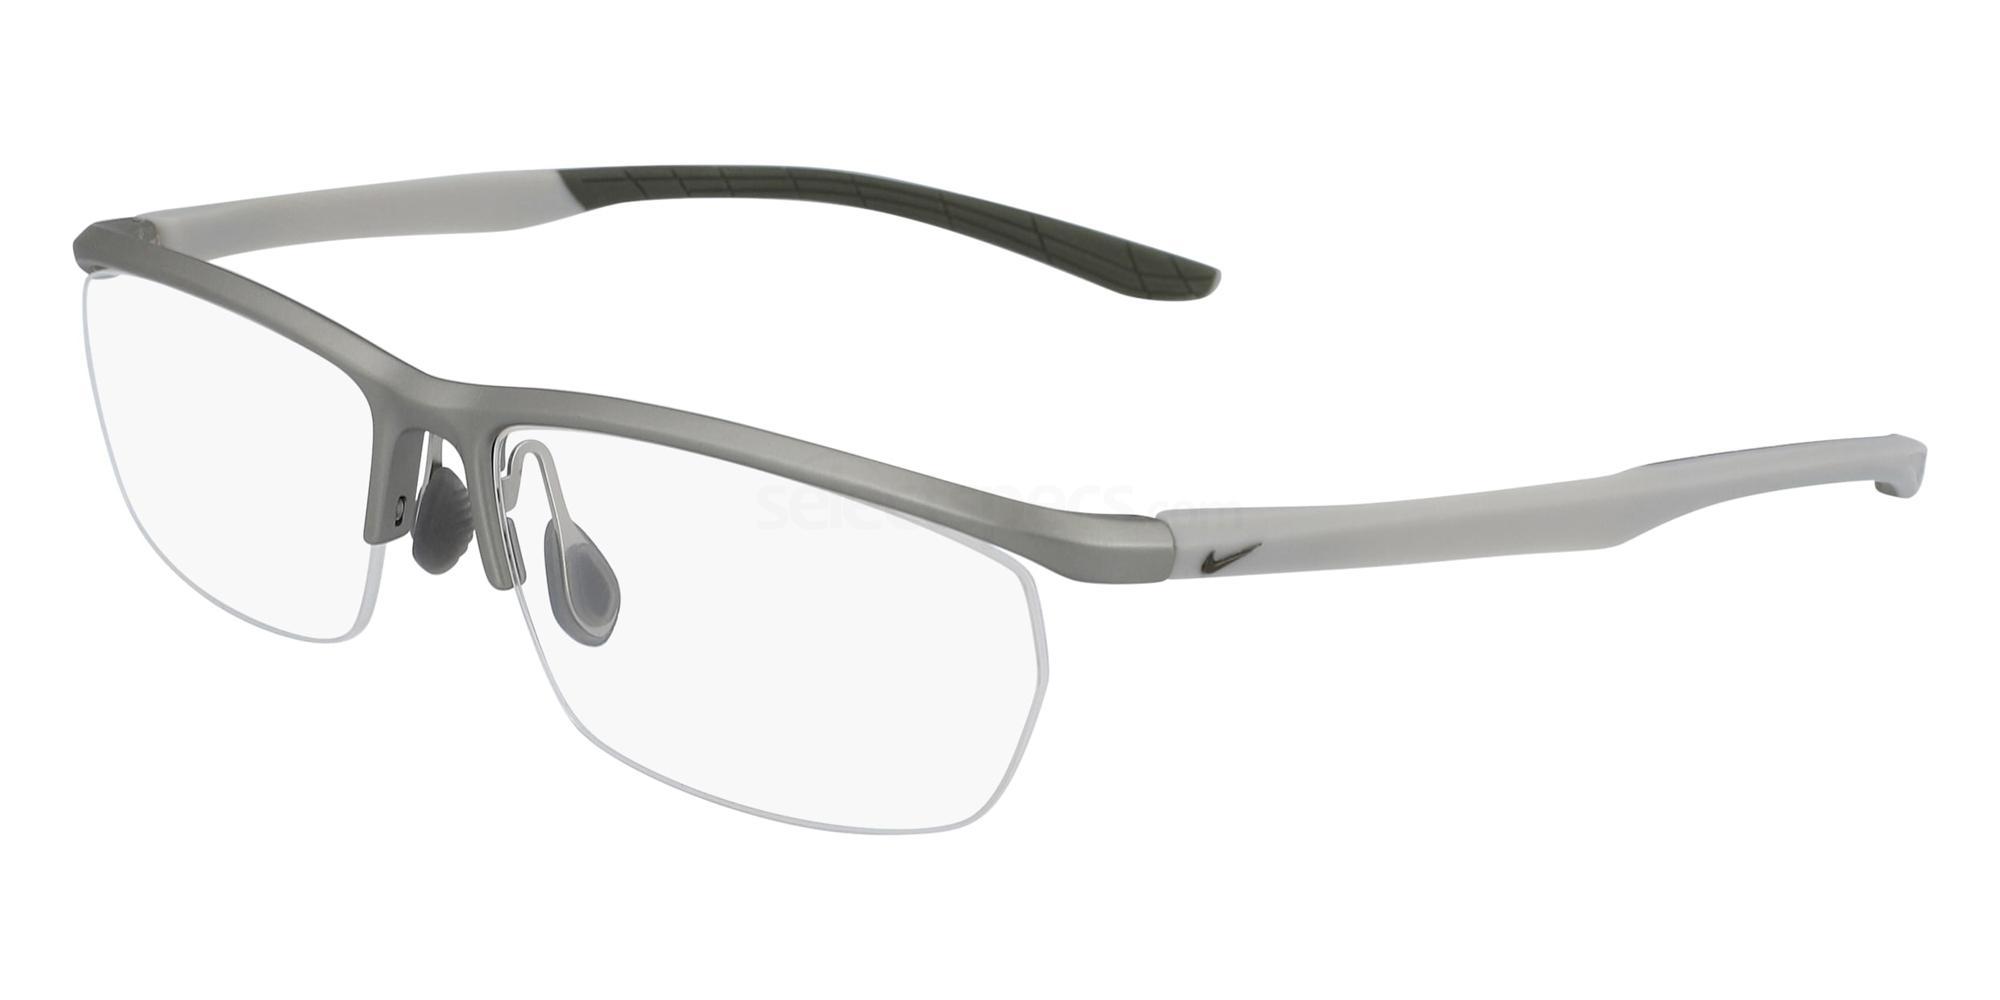 080 NIKE 7928 Glasses, Nike